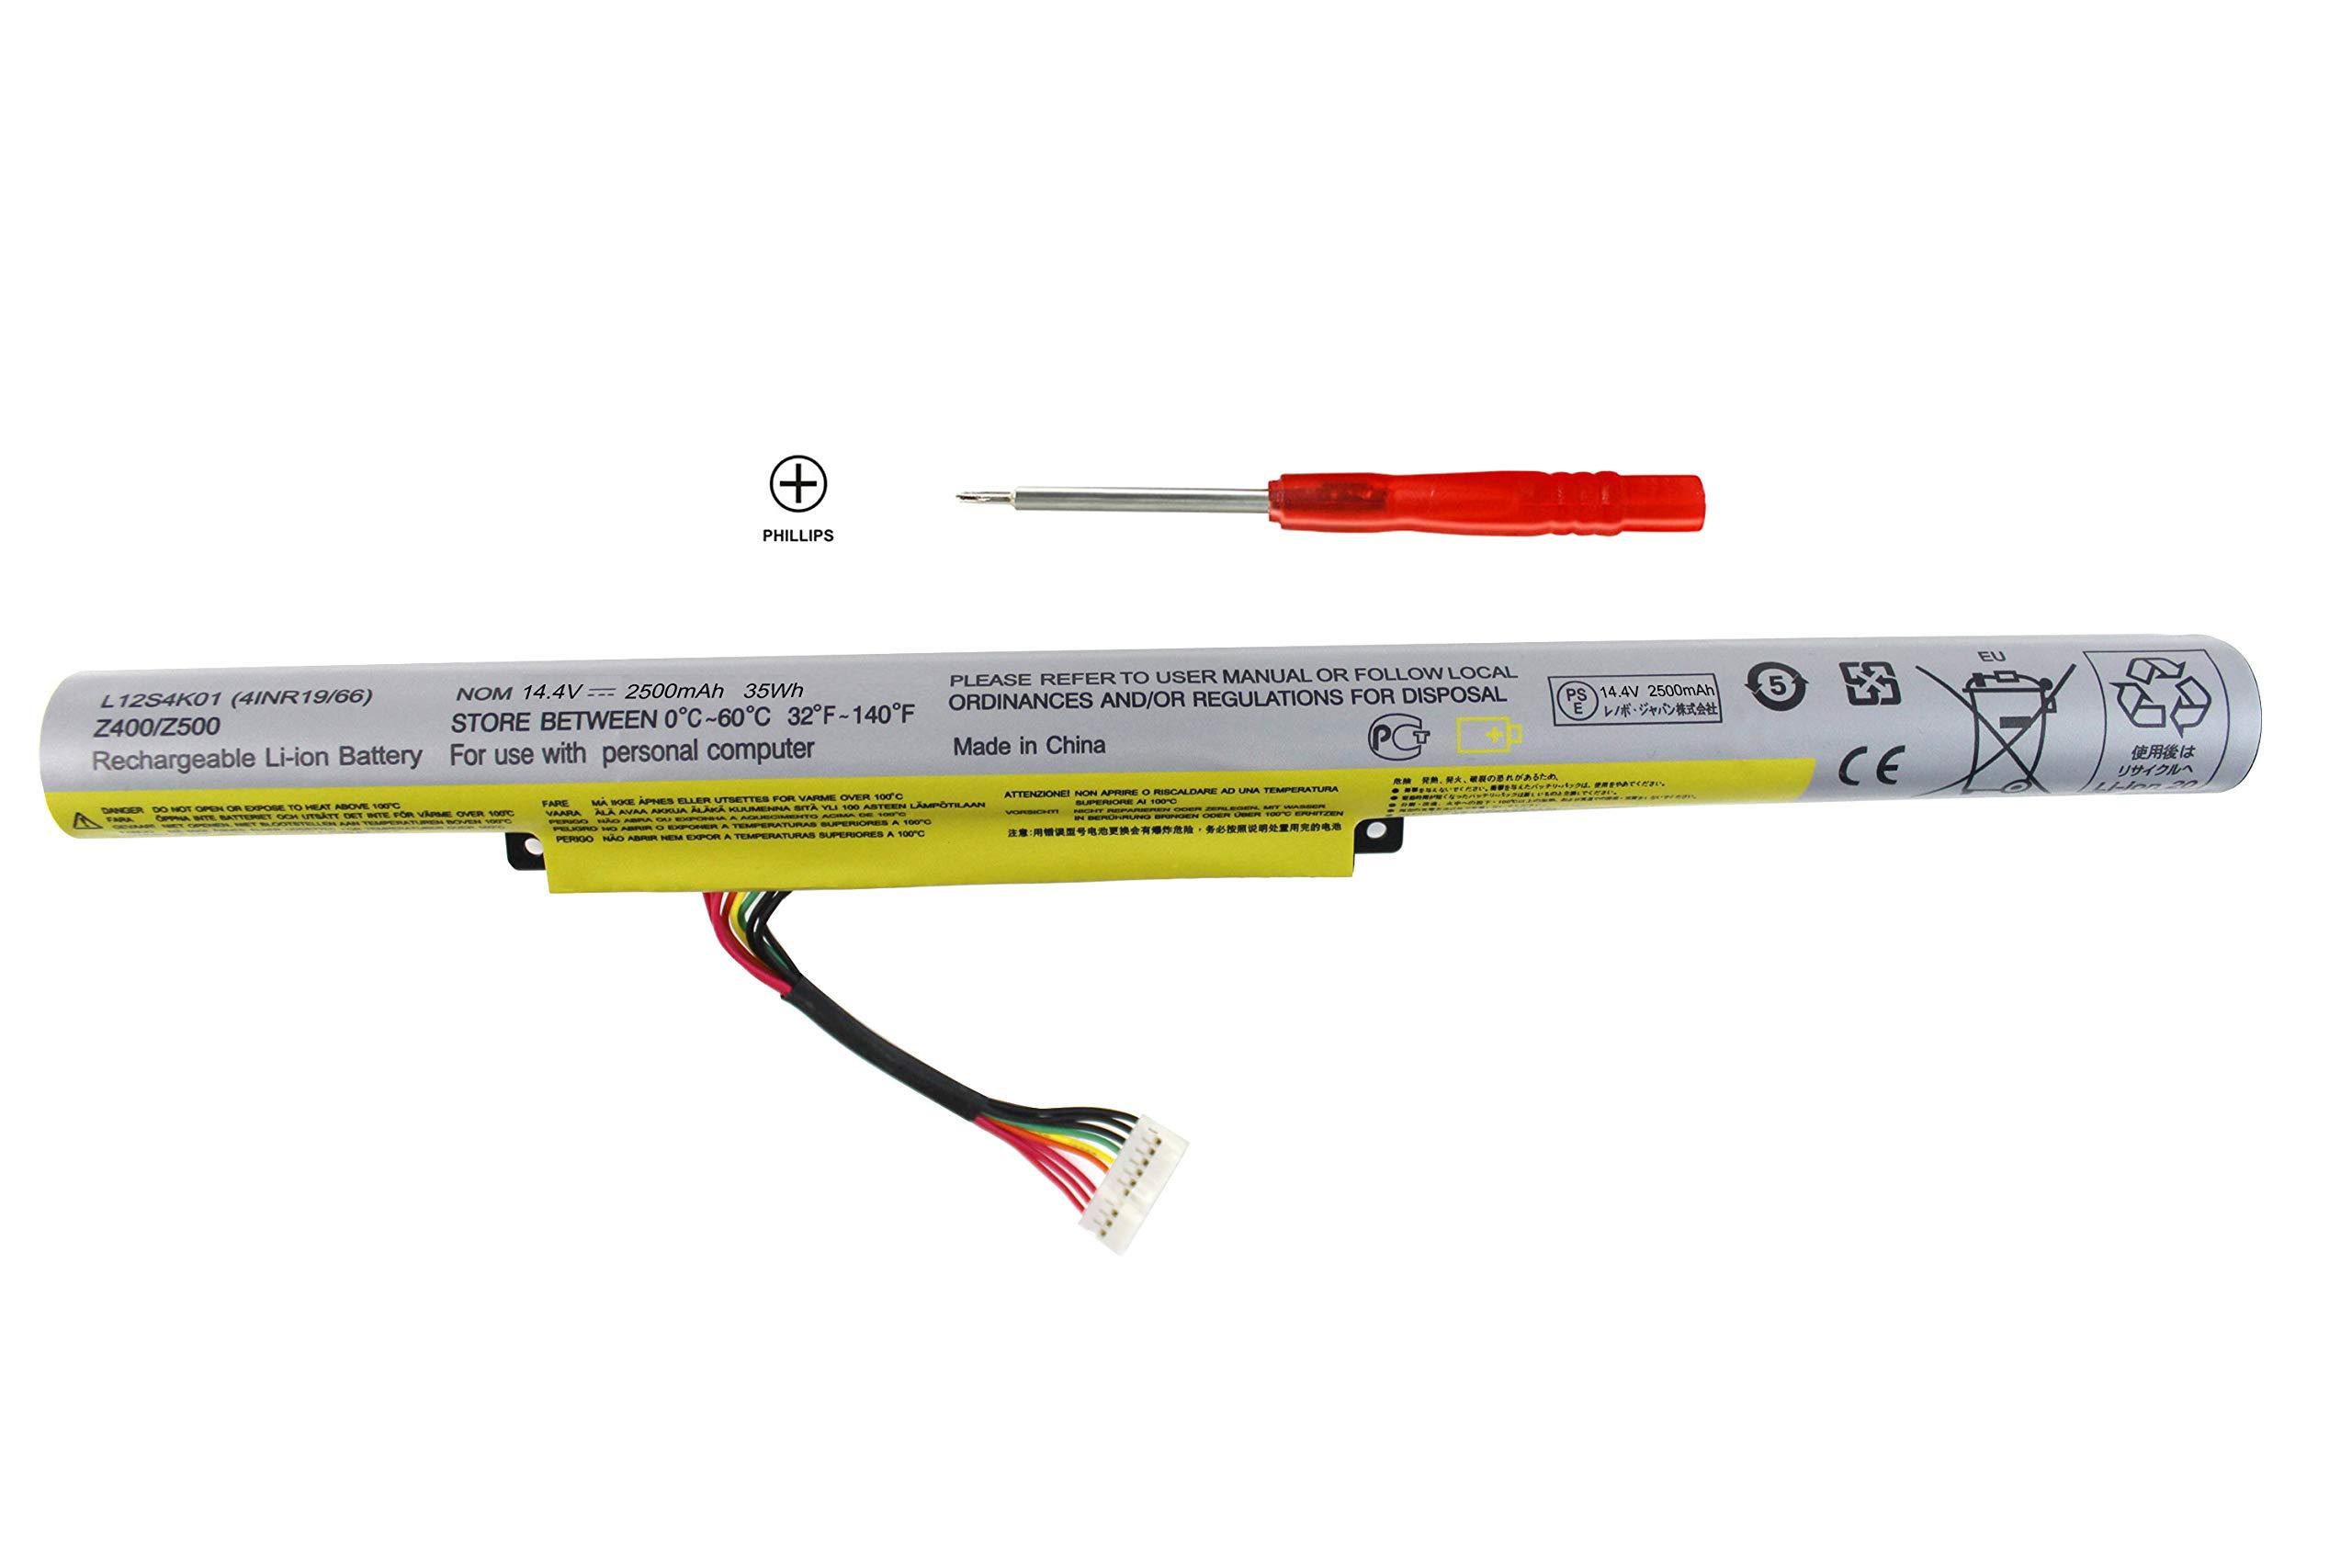 Bateria L12s4k01 4inr19/66 Para Lenovo Ideapad Z510 Z500 Z400 Z410 P500 P400 Z500a Z400a Touch P/n.l12s4e21 L12s4k01 L12